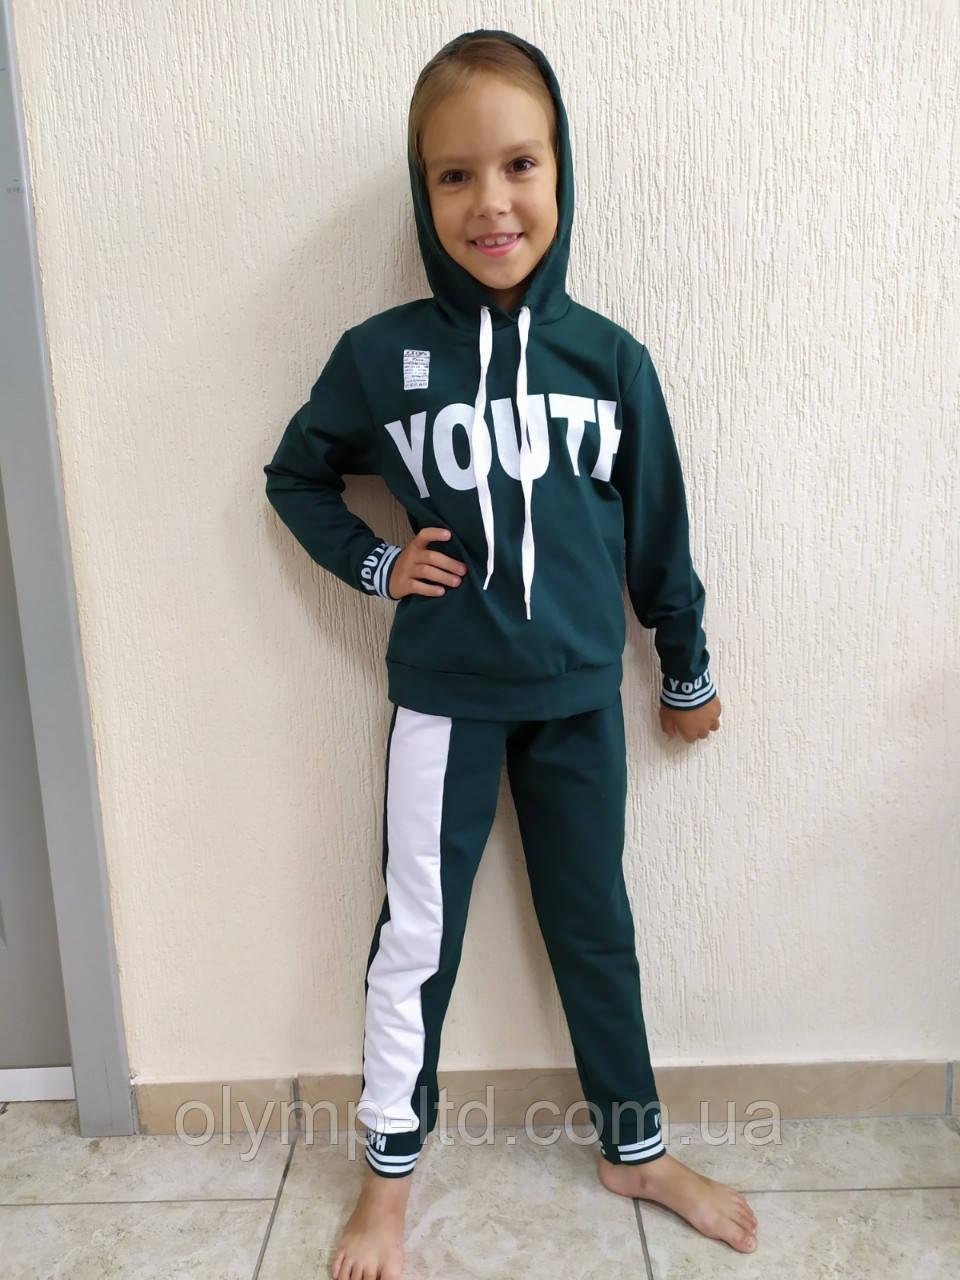 Костюм спортивный подросток девочка 36-42 р-р двух нитка капюшон шнурок шелкография.